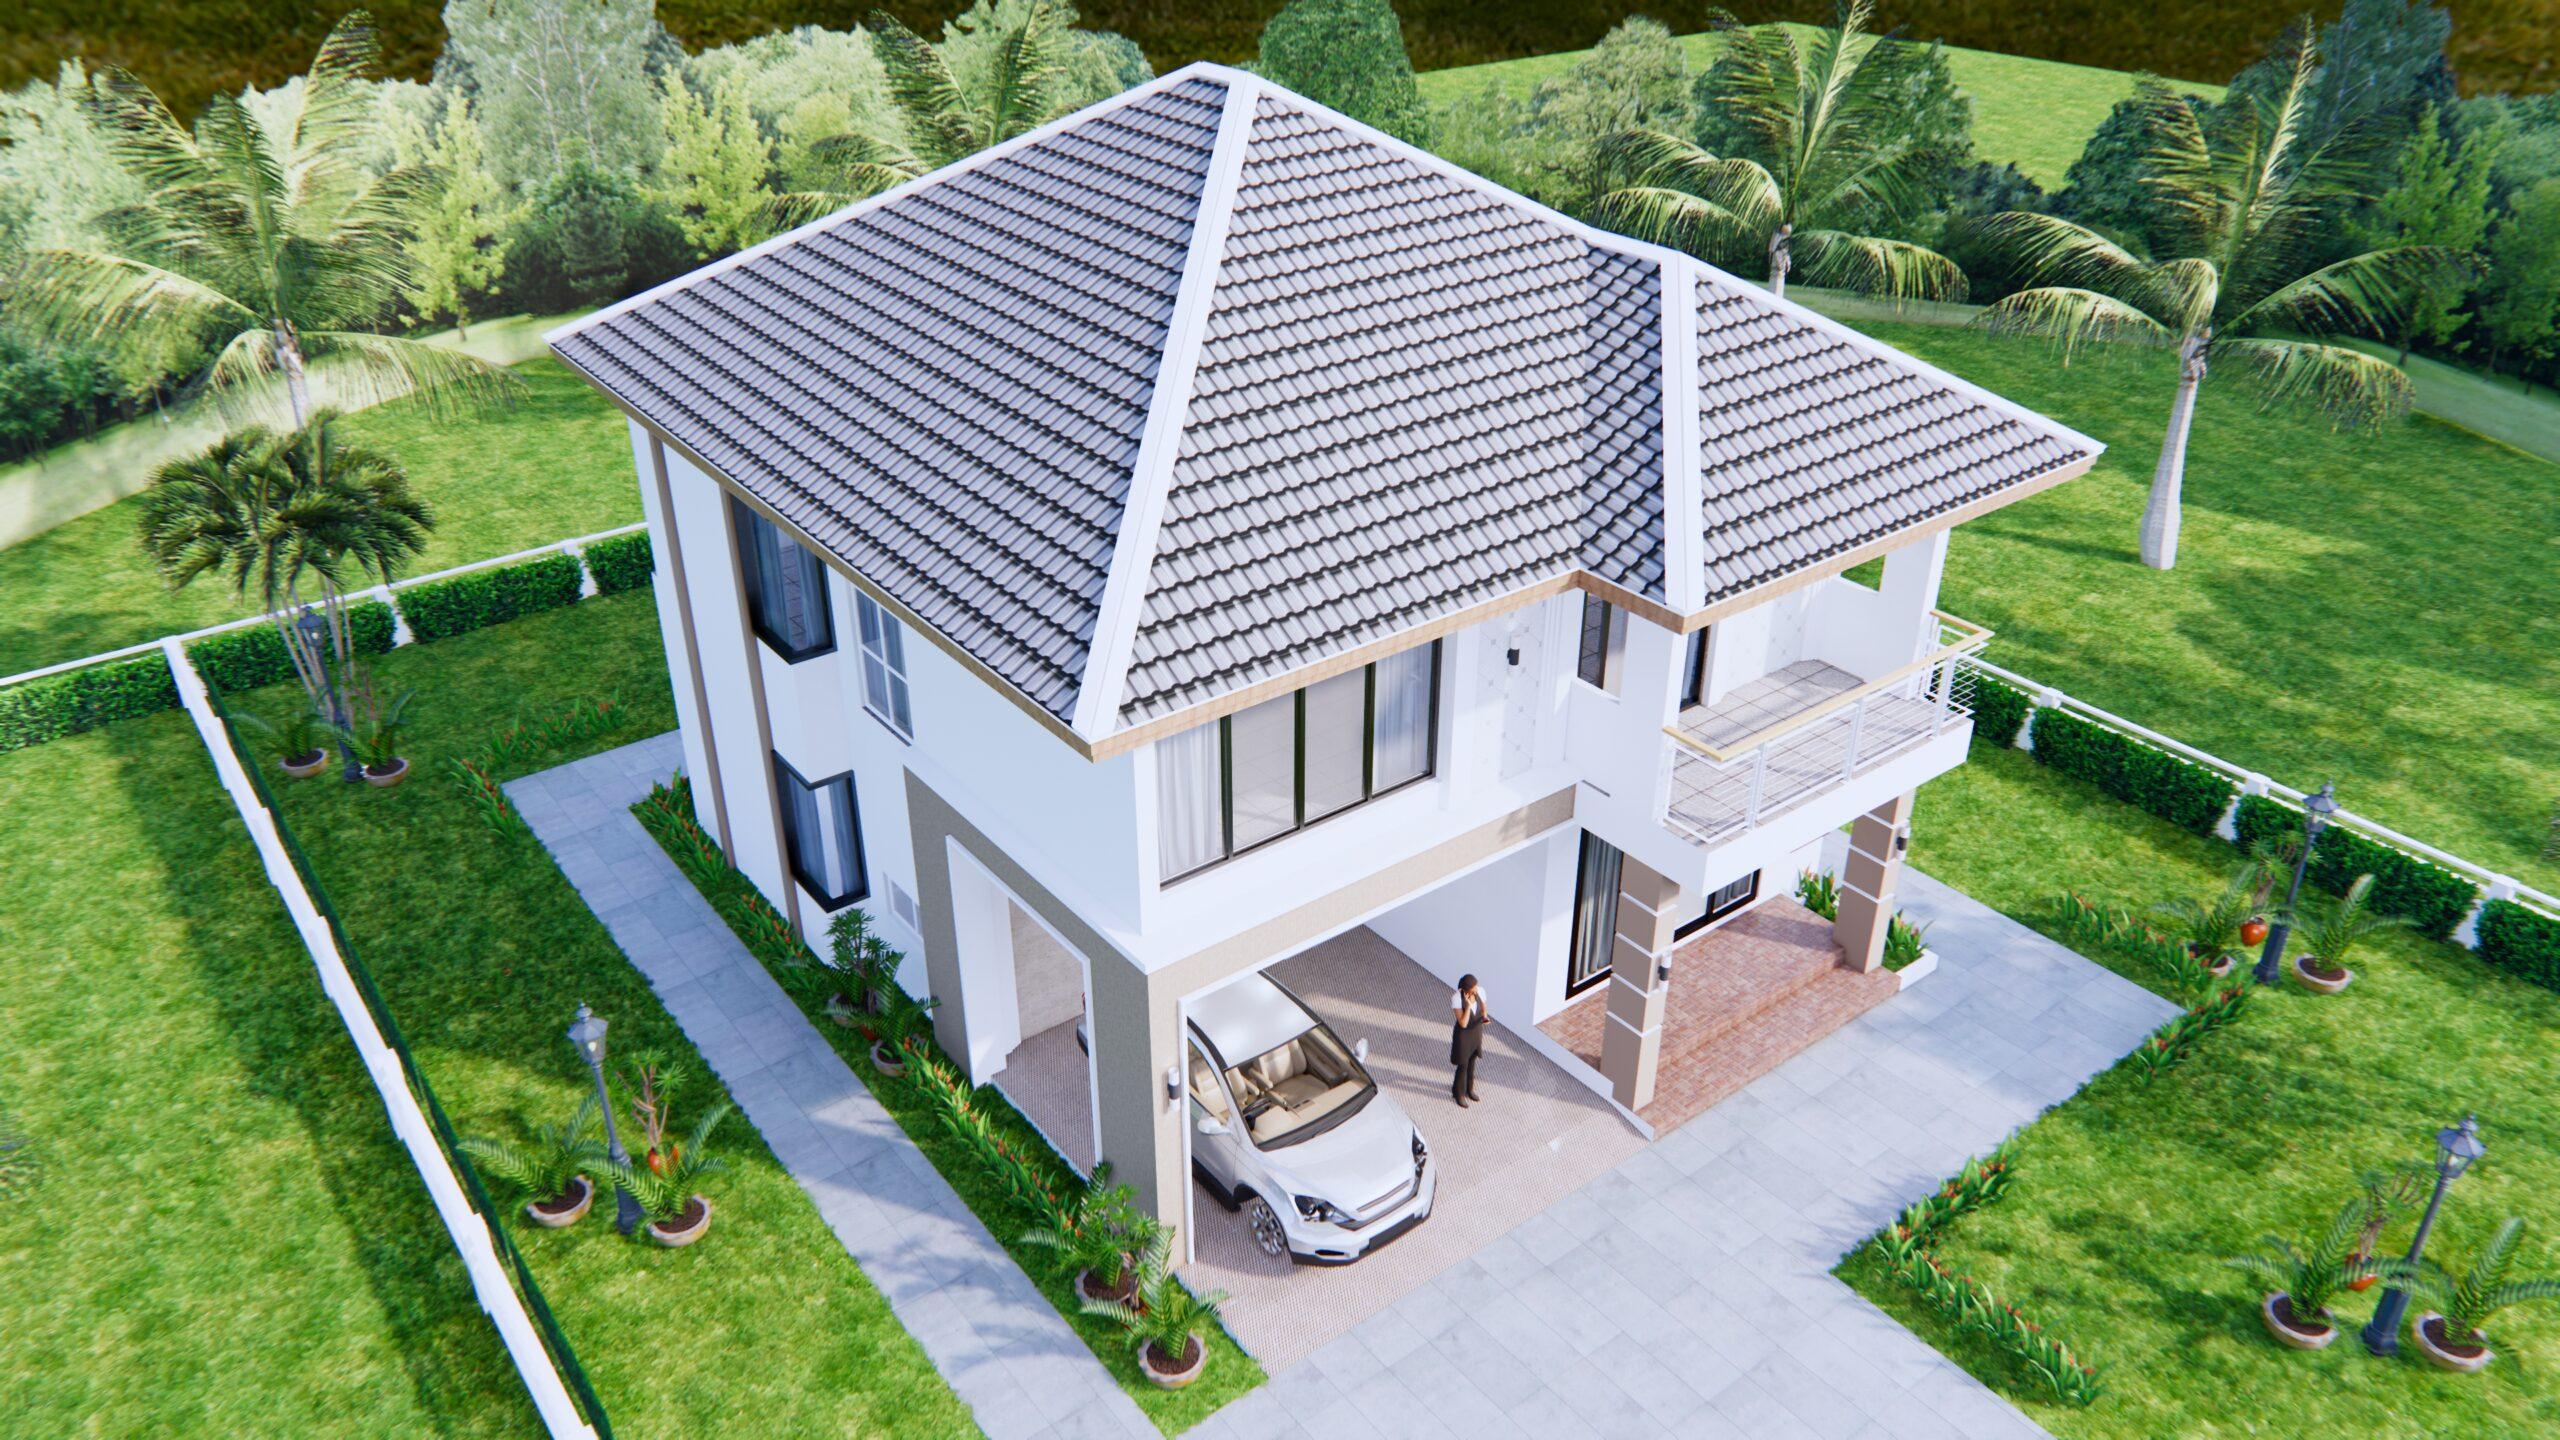 House Design 9x11 Meter 30x36 Feet 4 Beds 8